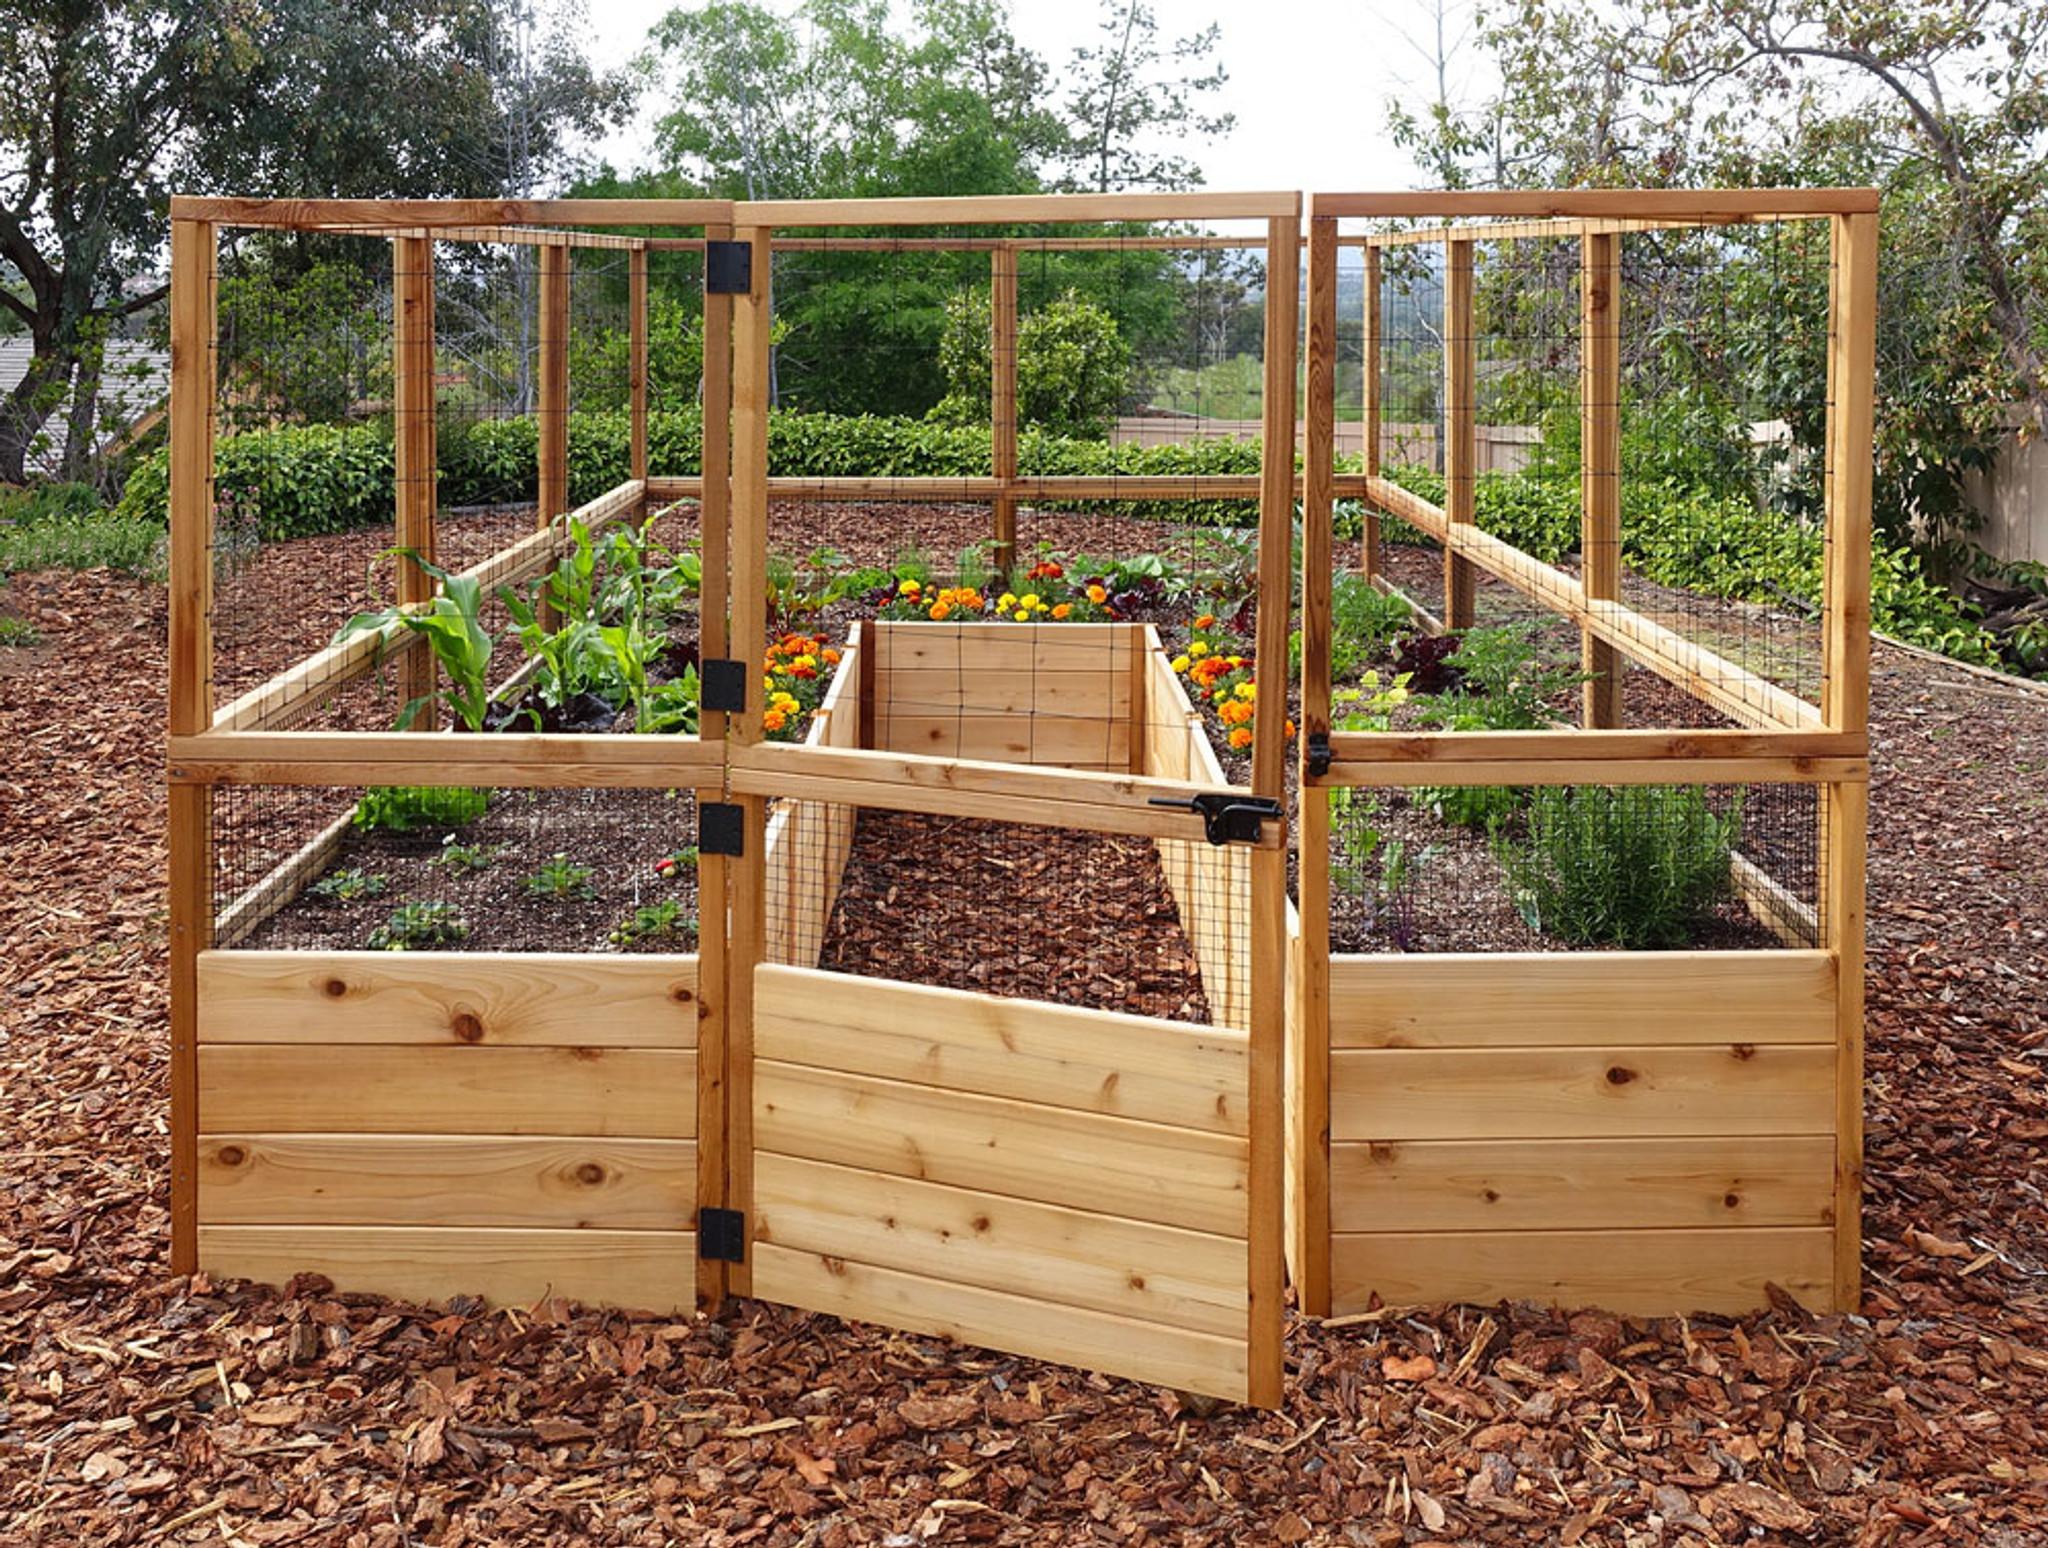 Deer Proof Raised Garden Bed Ideas - Plant Arts